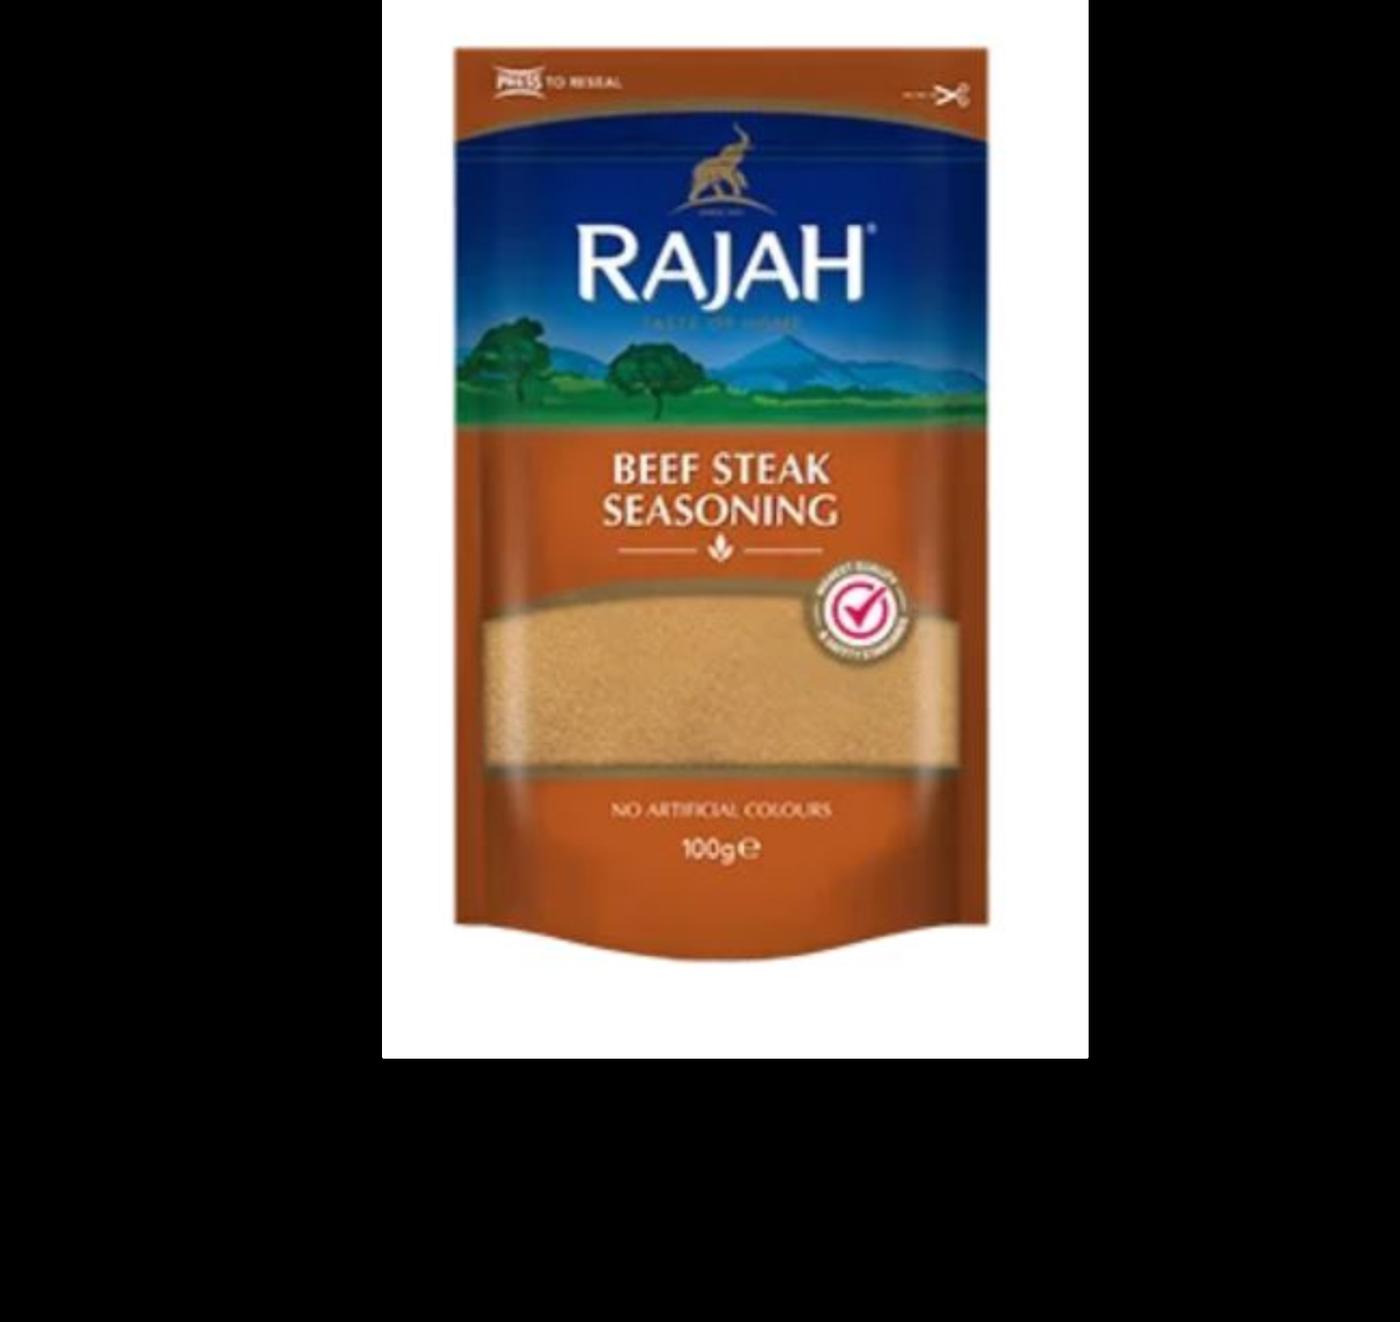 Rajah Beef Steak Seasoning